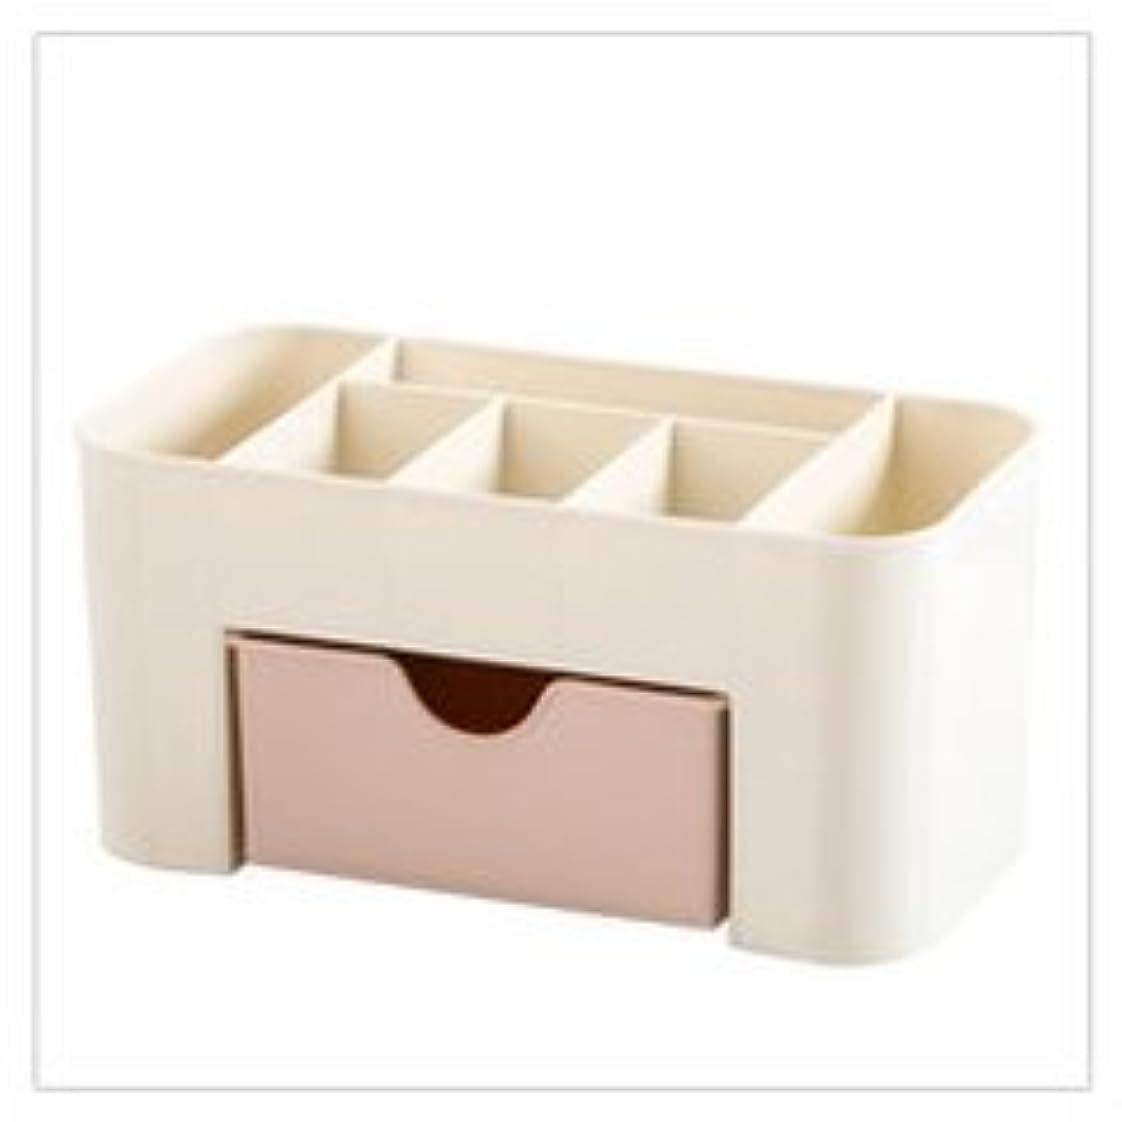 五月検出するローズ化粧品収納ボックス化粧品引き出し仕上げボックスデスクトップジュエリースキンケアパックフレームドレッサー (Color : ピンク)